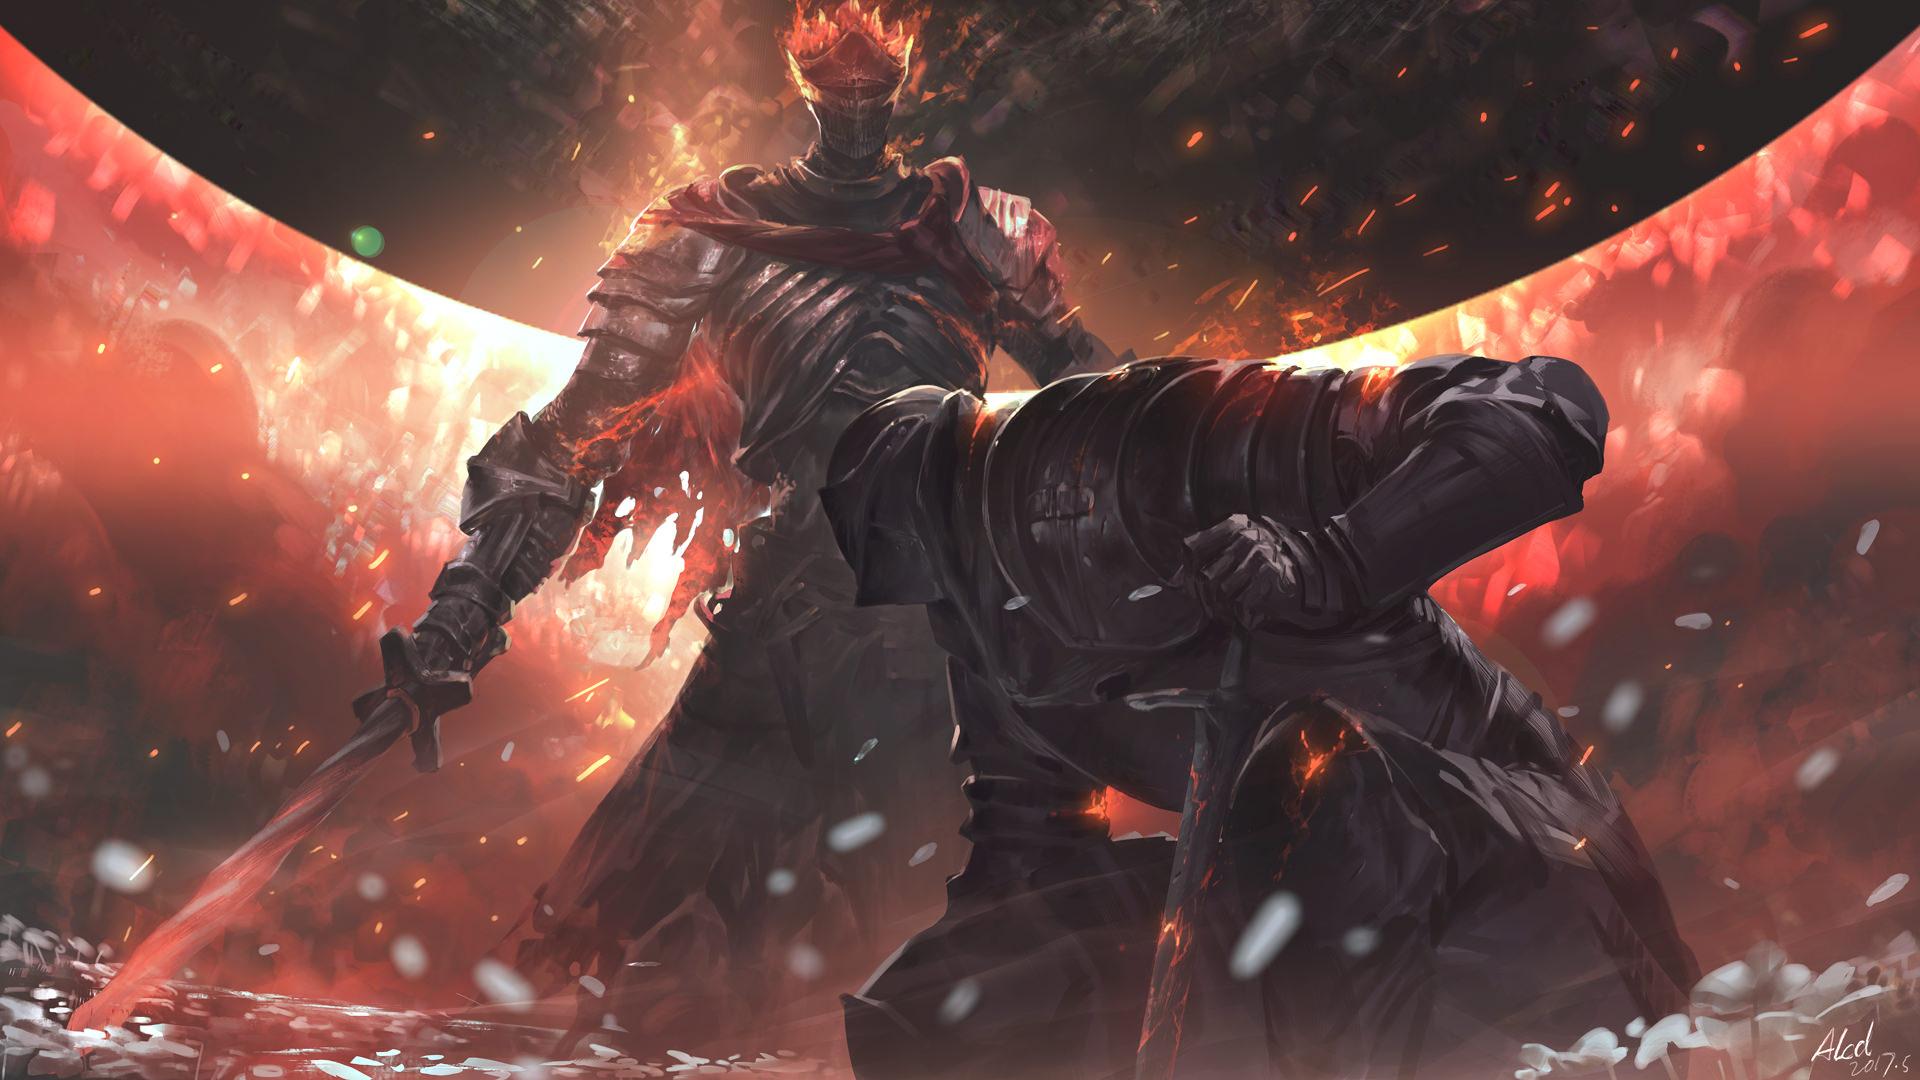 Fondos De Pantalla Dark Souls Iii Videojuegos Rpg Fuego